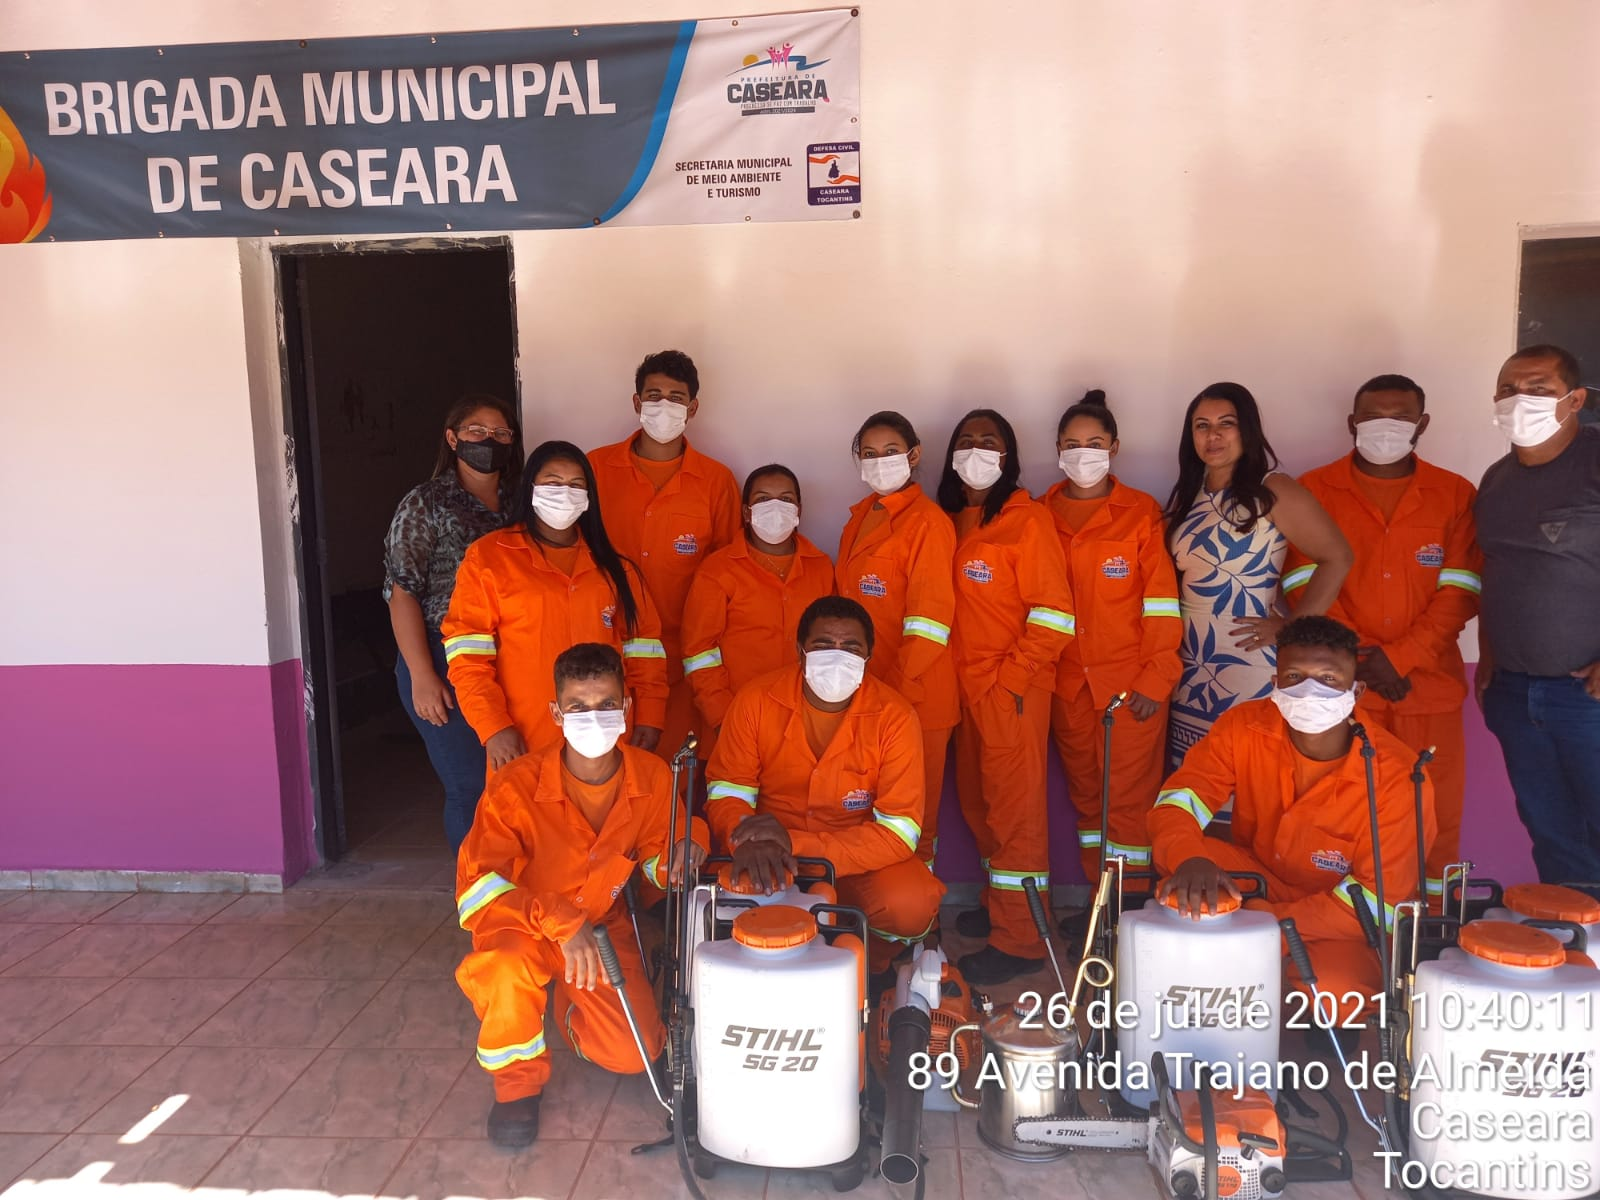 Com apoio da Secretaria Municipal de Meio Ambiente, Brigada Ambiental de Caseara entra em atividade